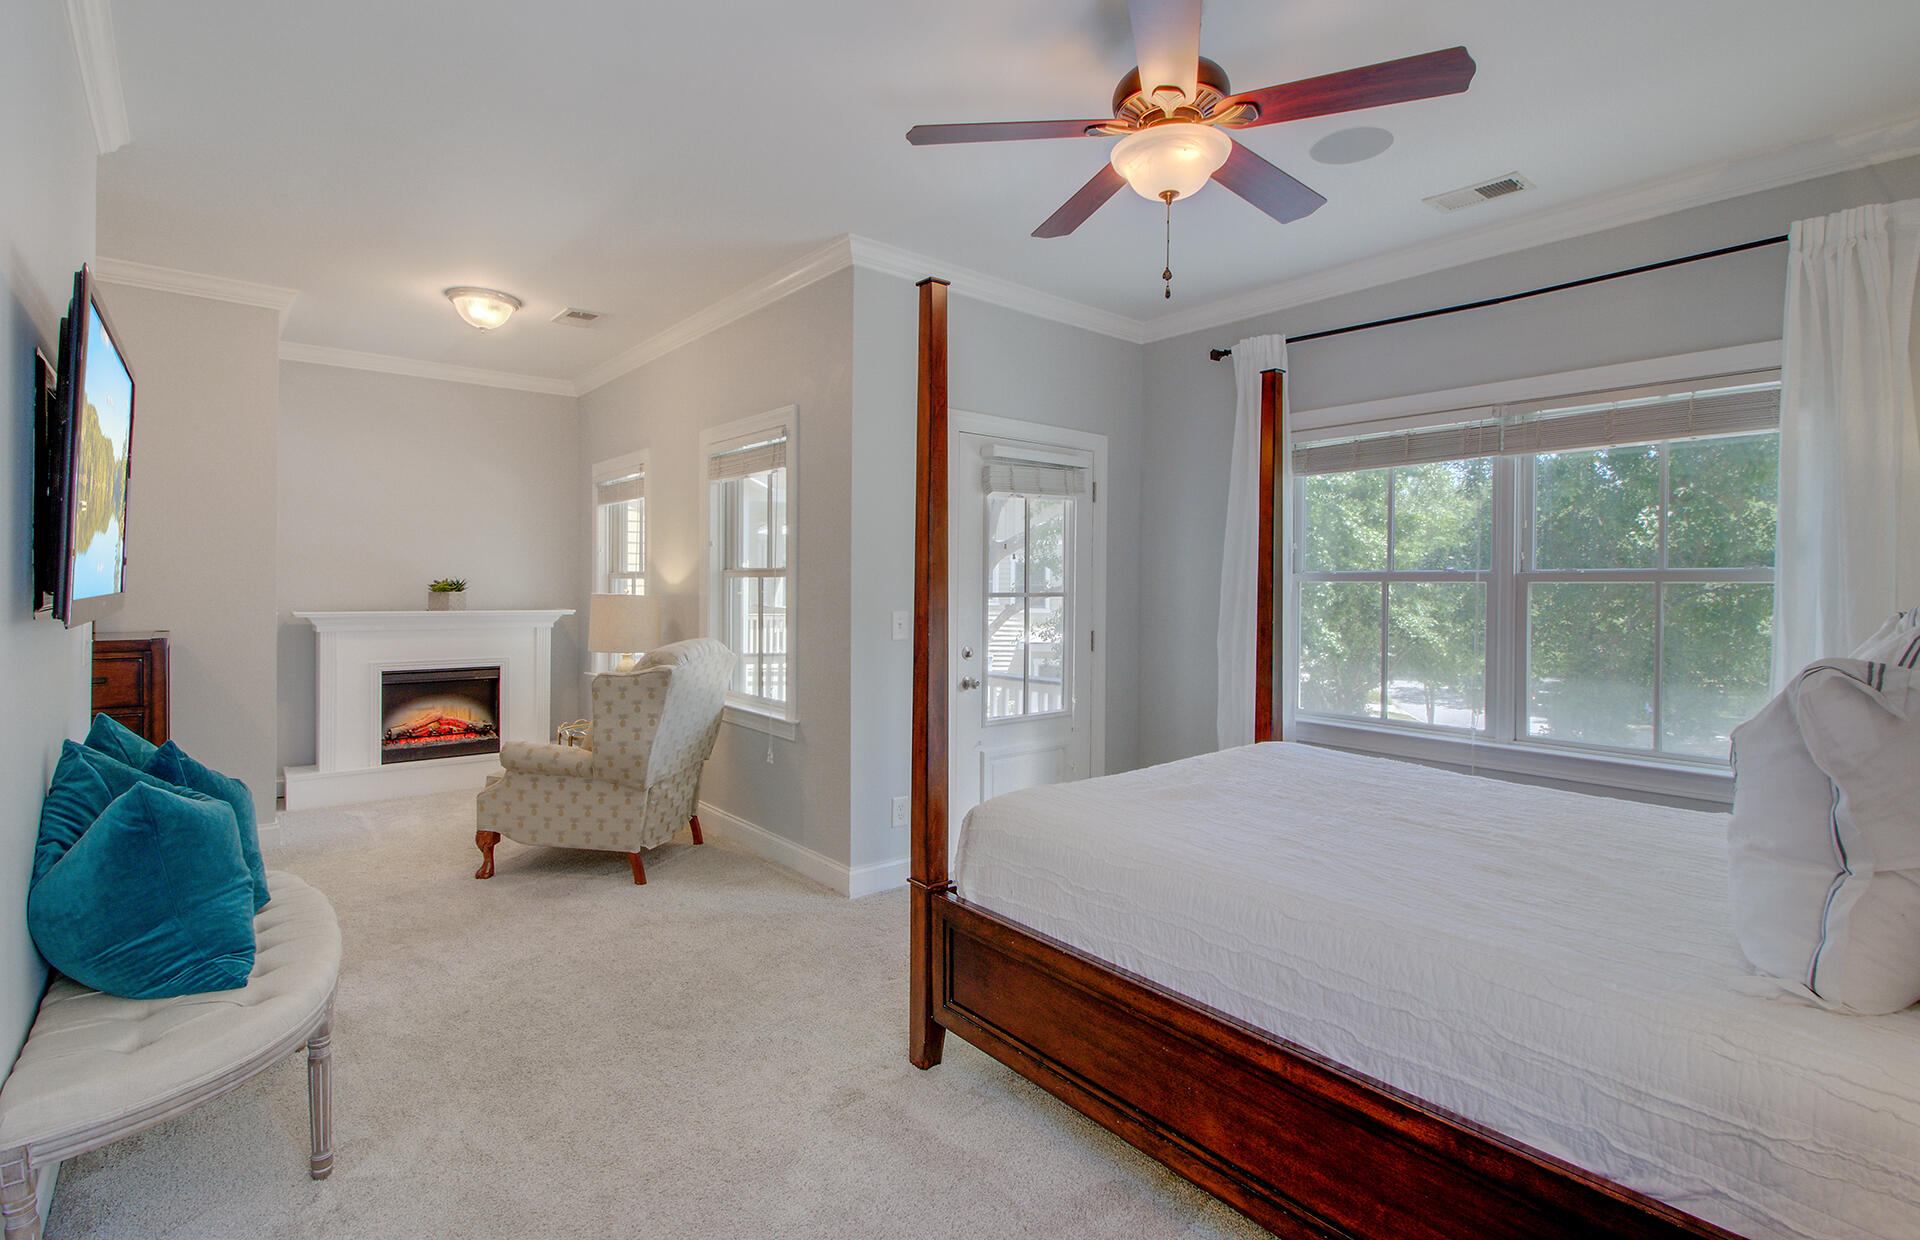 Phillips Park Homes For Sale - 1129 Phillips Park, Mount Pleasant, SC - 2